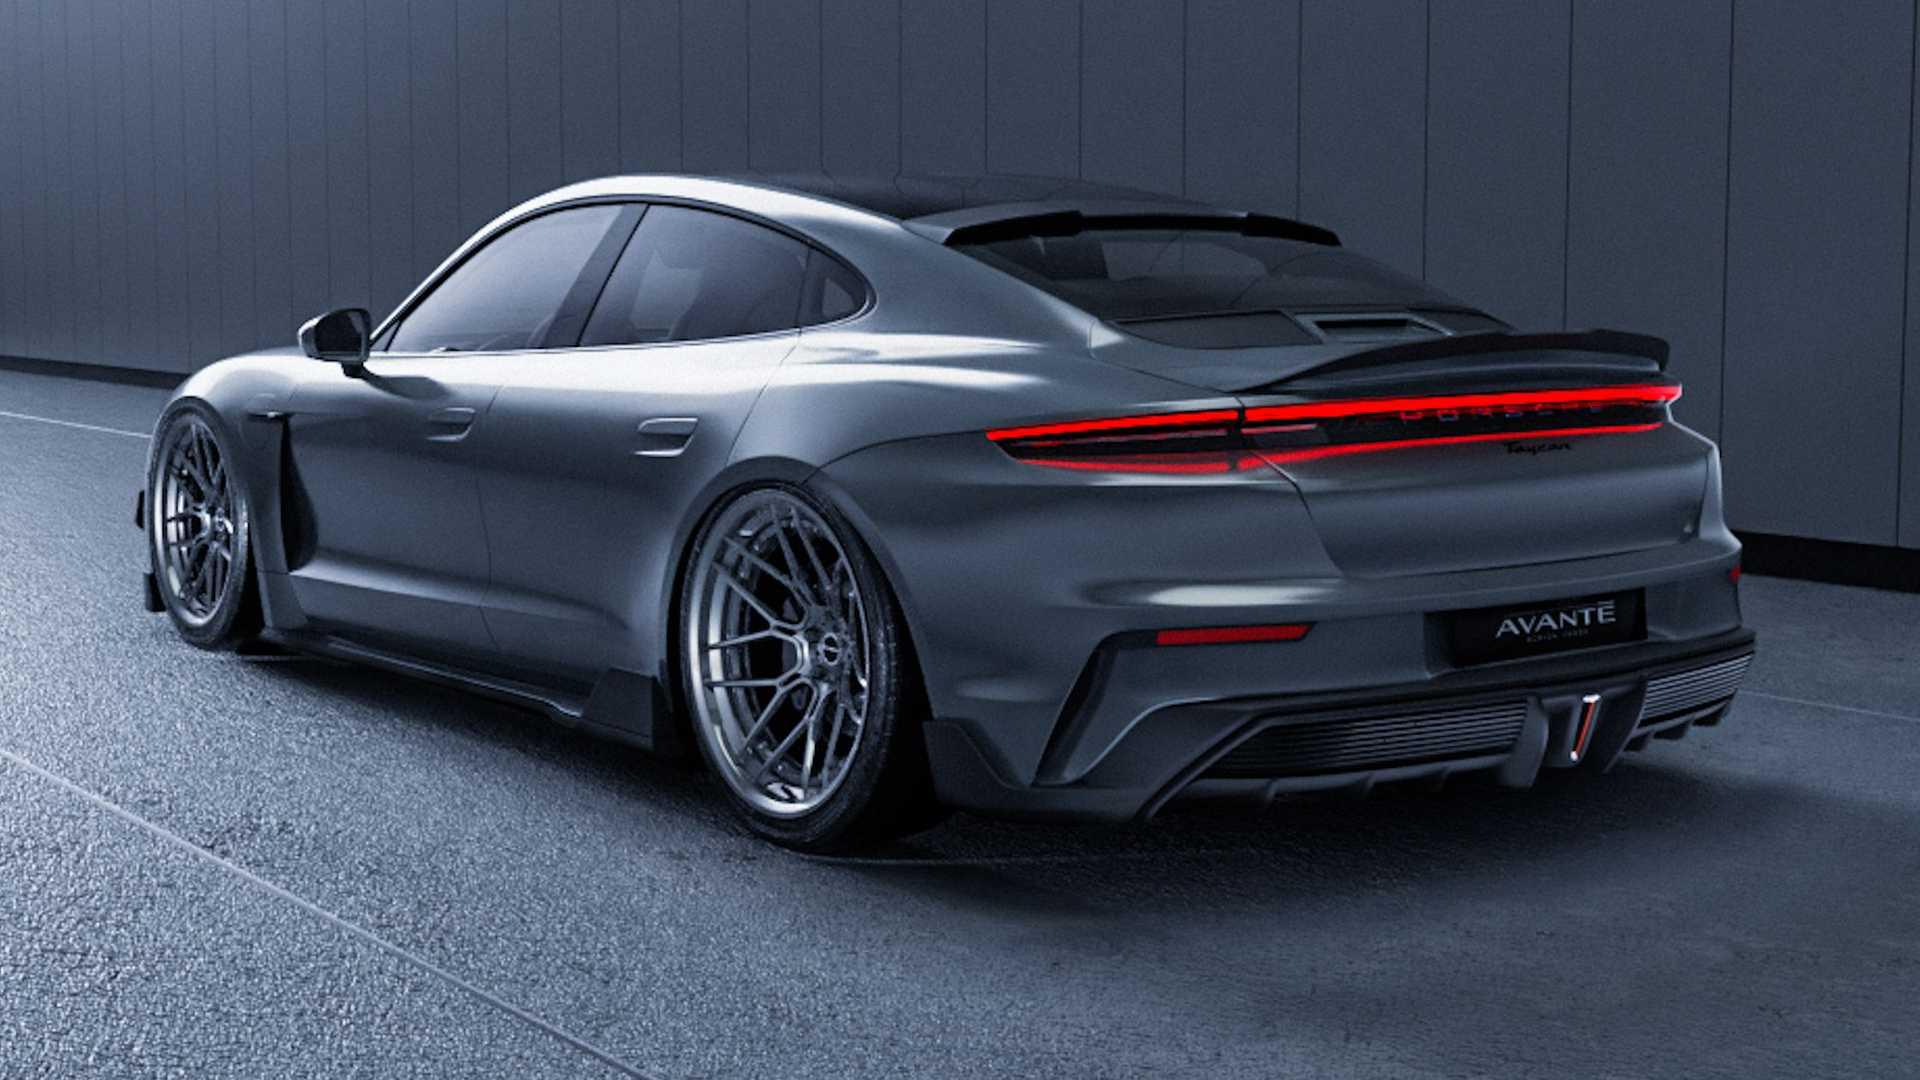 Avante Design:如何让一款德国纯电跑车散发日式JDM范儿?